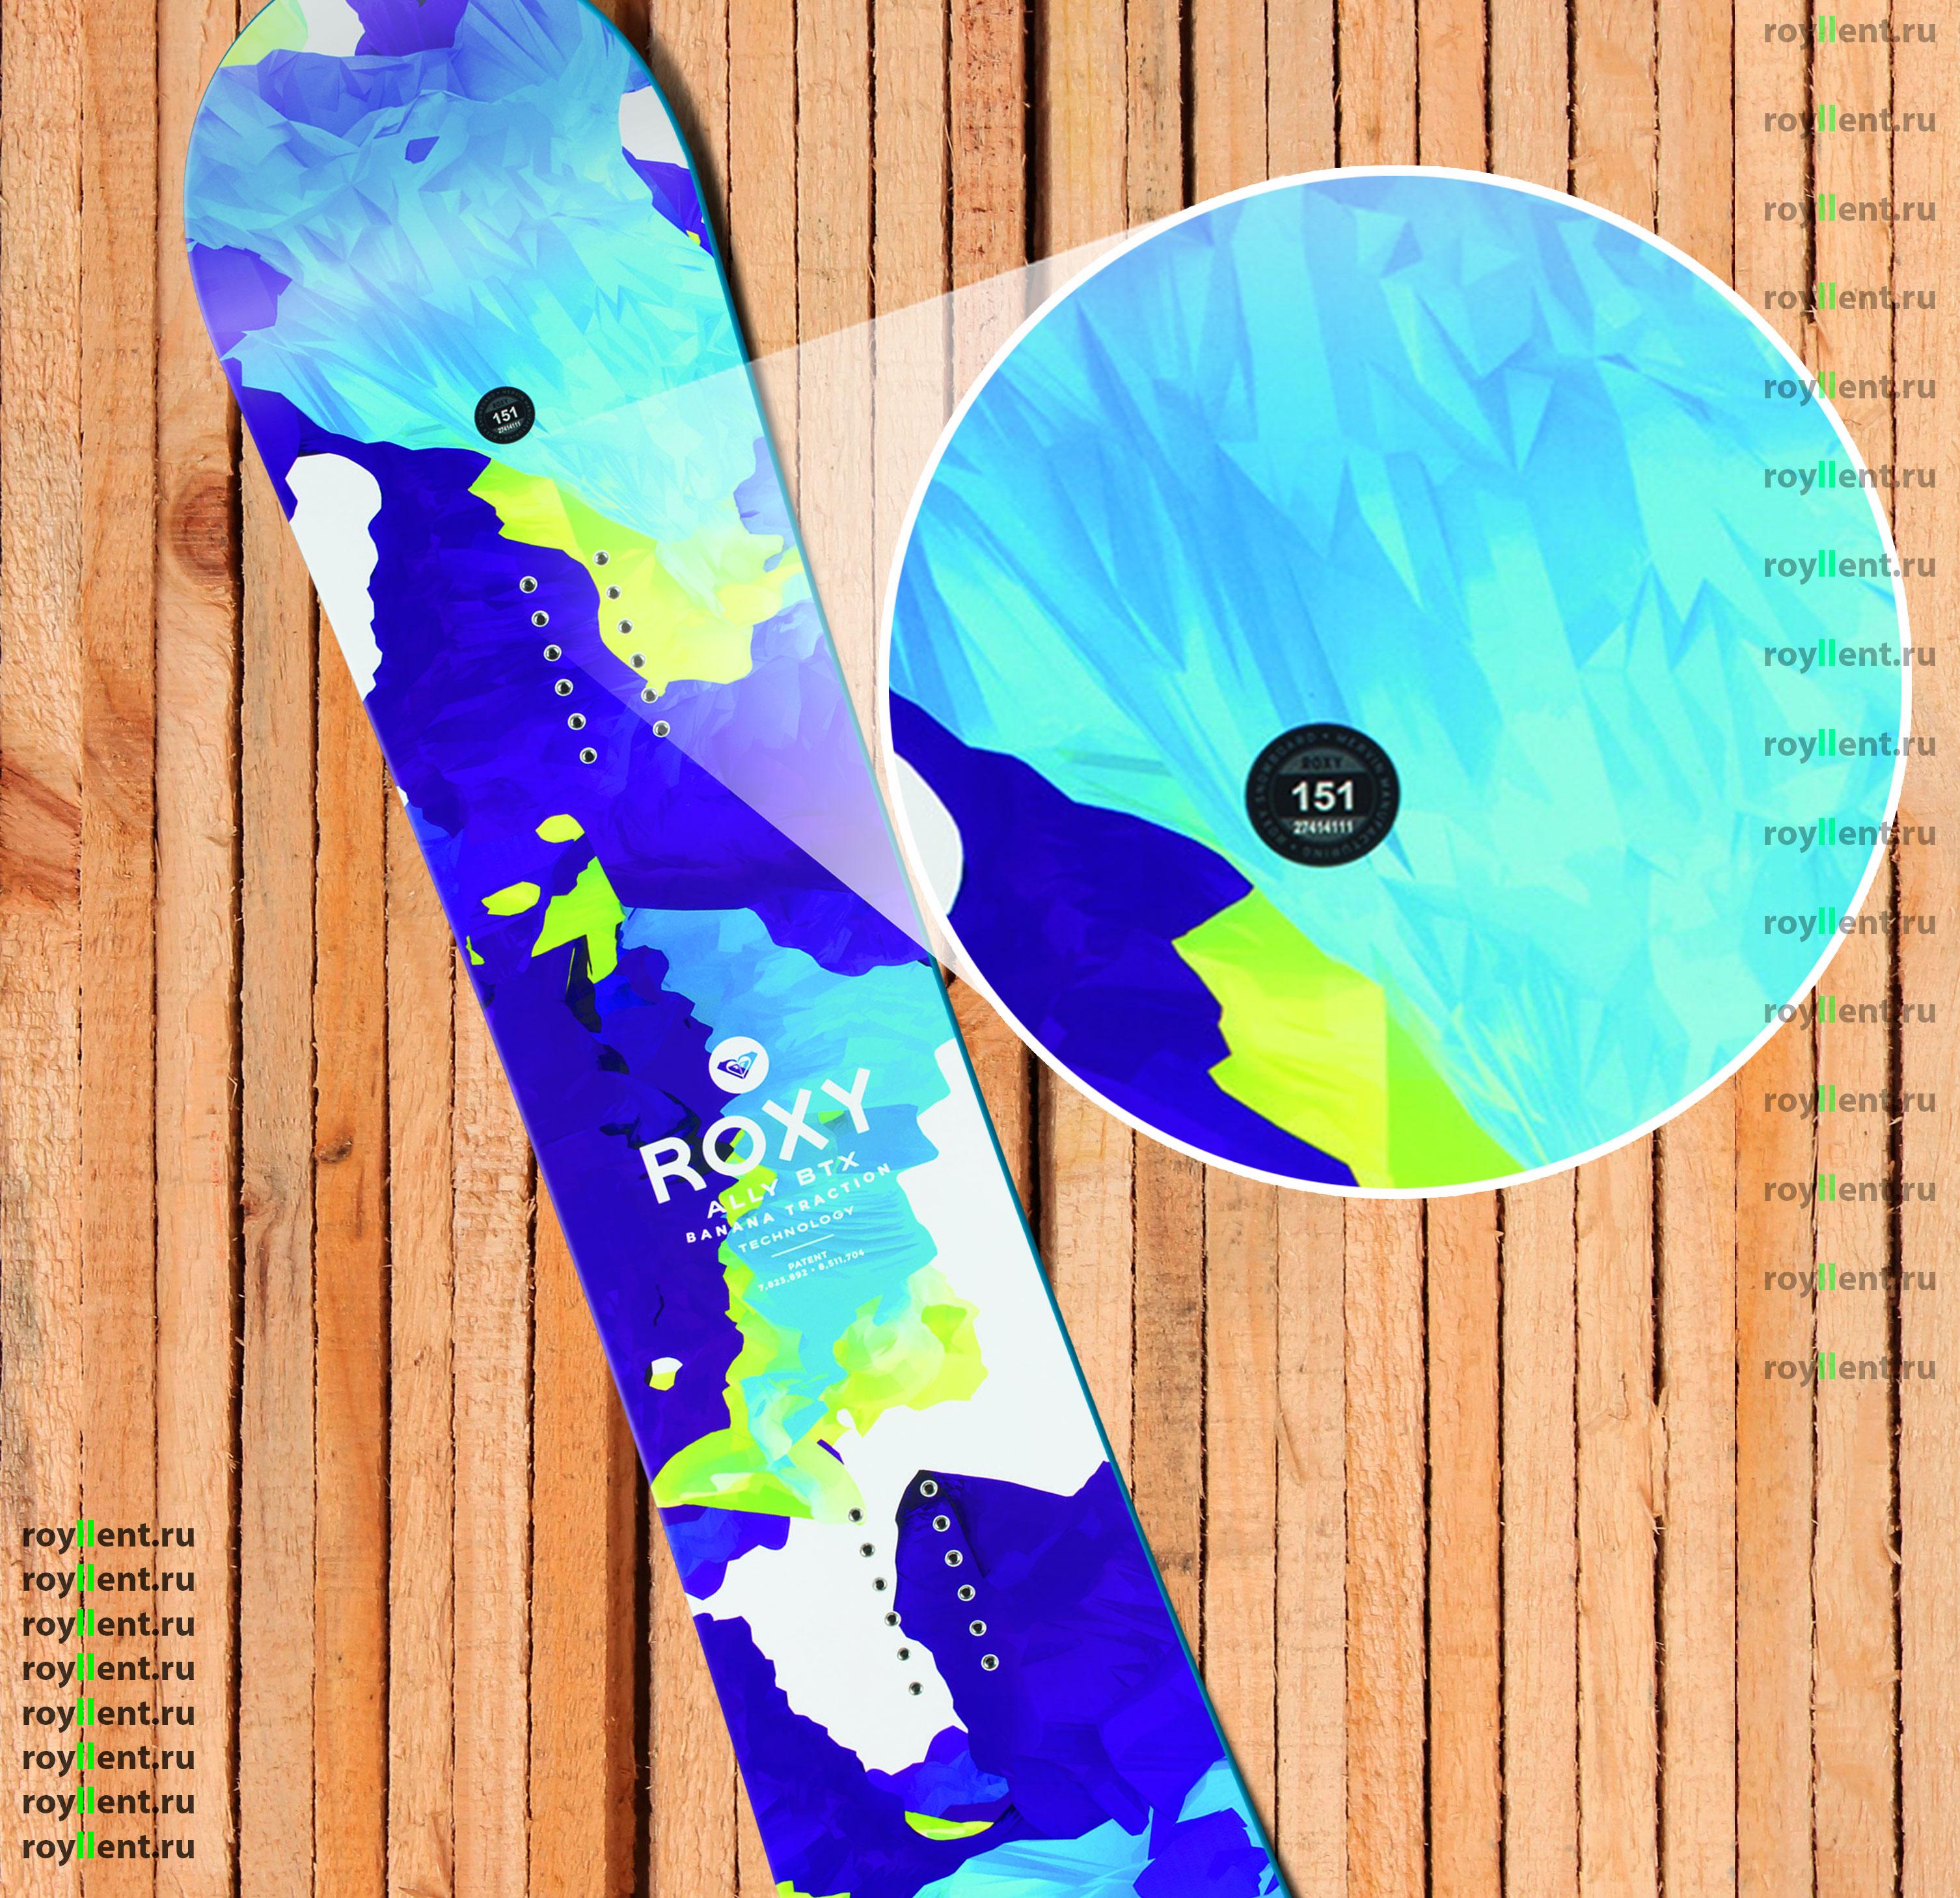 Заказать стикер на сноуборд с доставкой по России